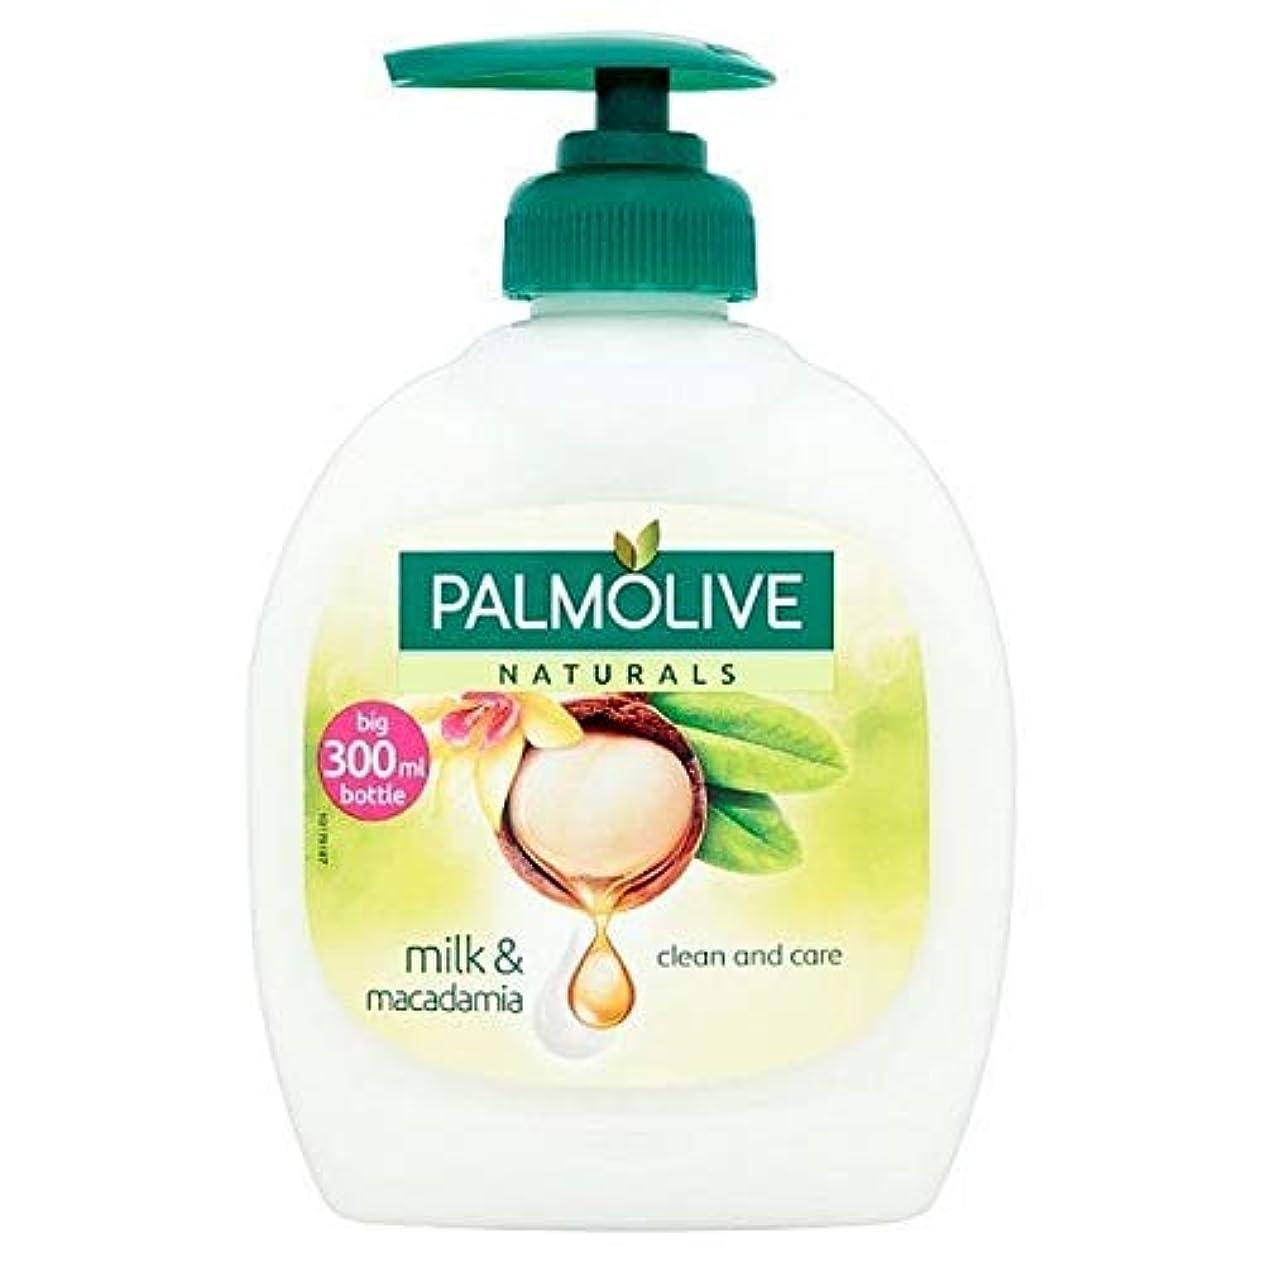 ジレンマ晩ごはん妻[Palmolive ] パルモライブナチュラルマカダミア&バニラ液体手洗いの300ミリリットル - Palmolive Naturals Macadamia & Vanilla Liquid Handwash 300ml...